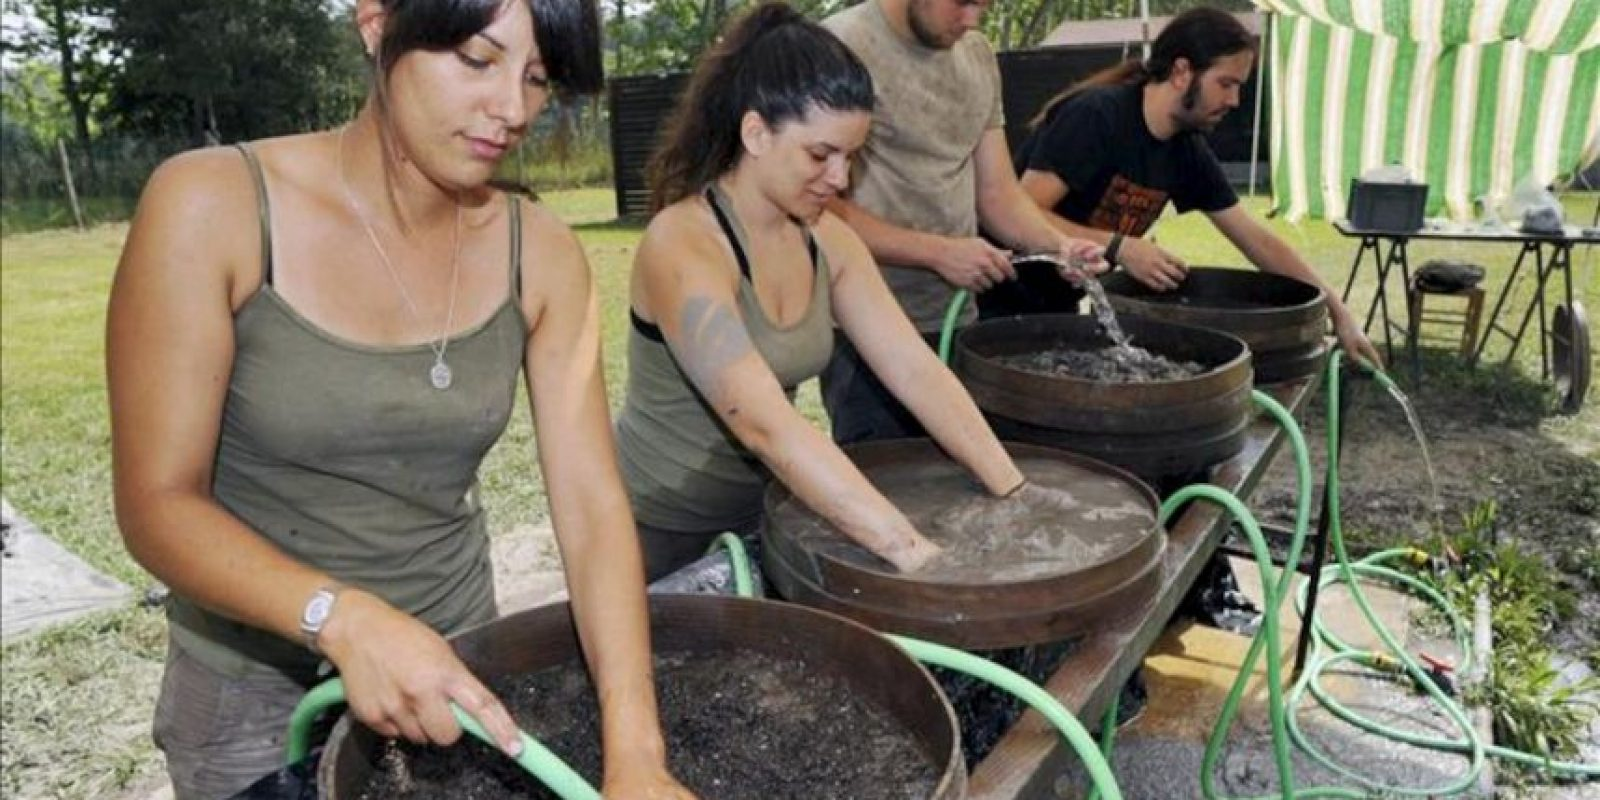 Un grupo de arqueólogos trabaja en las excavaciones del Parque Neolótico de la Draga, en Banyoles (Girona), donde se ha hallado el arco de caza neolítico más antiguo de Europa encontrado hasta el momento, datado alrededor del 5.400-5.200 antes de Cristo. EFE